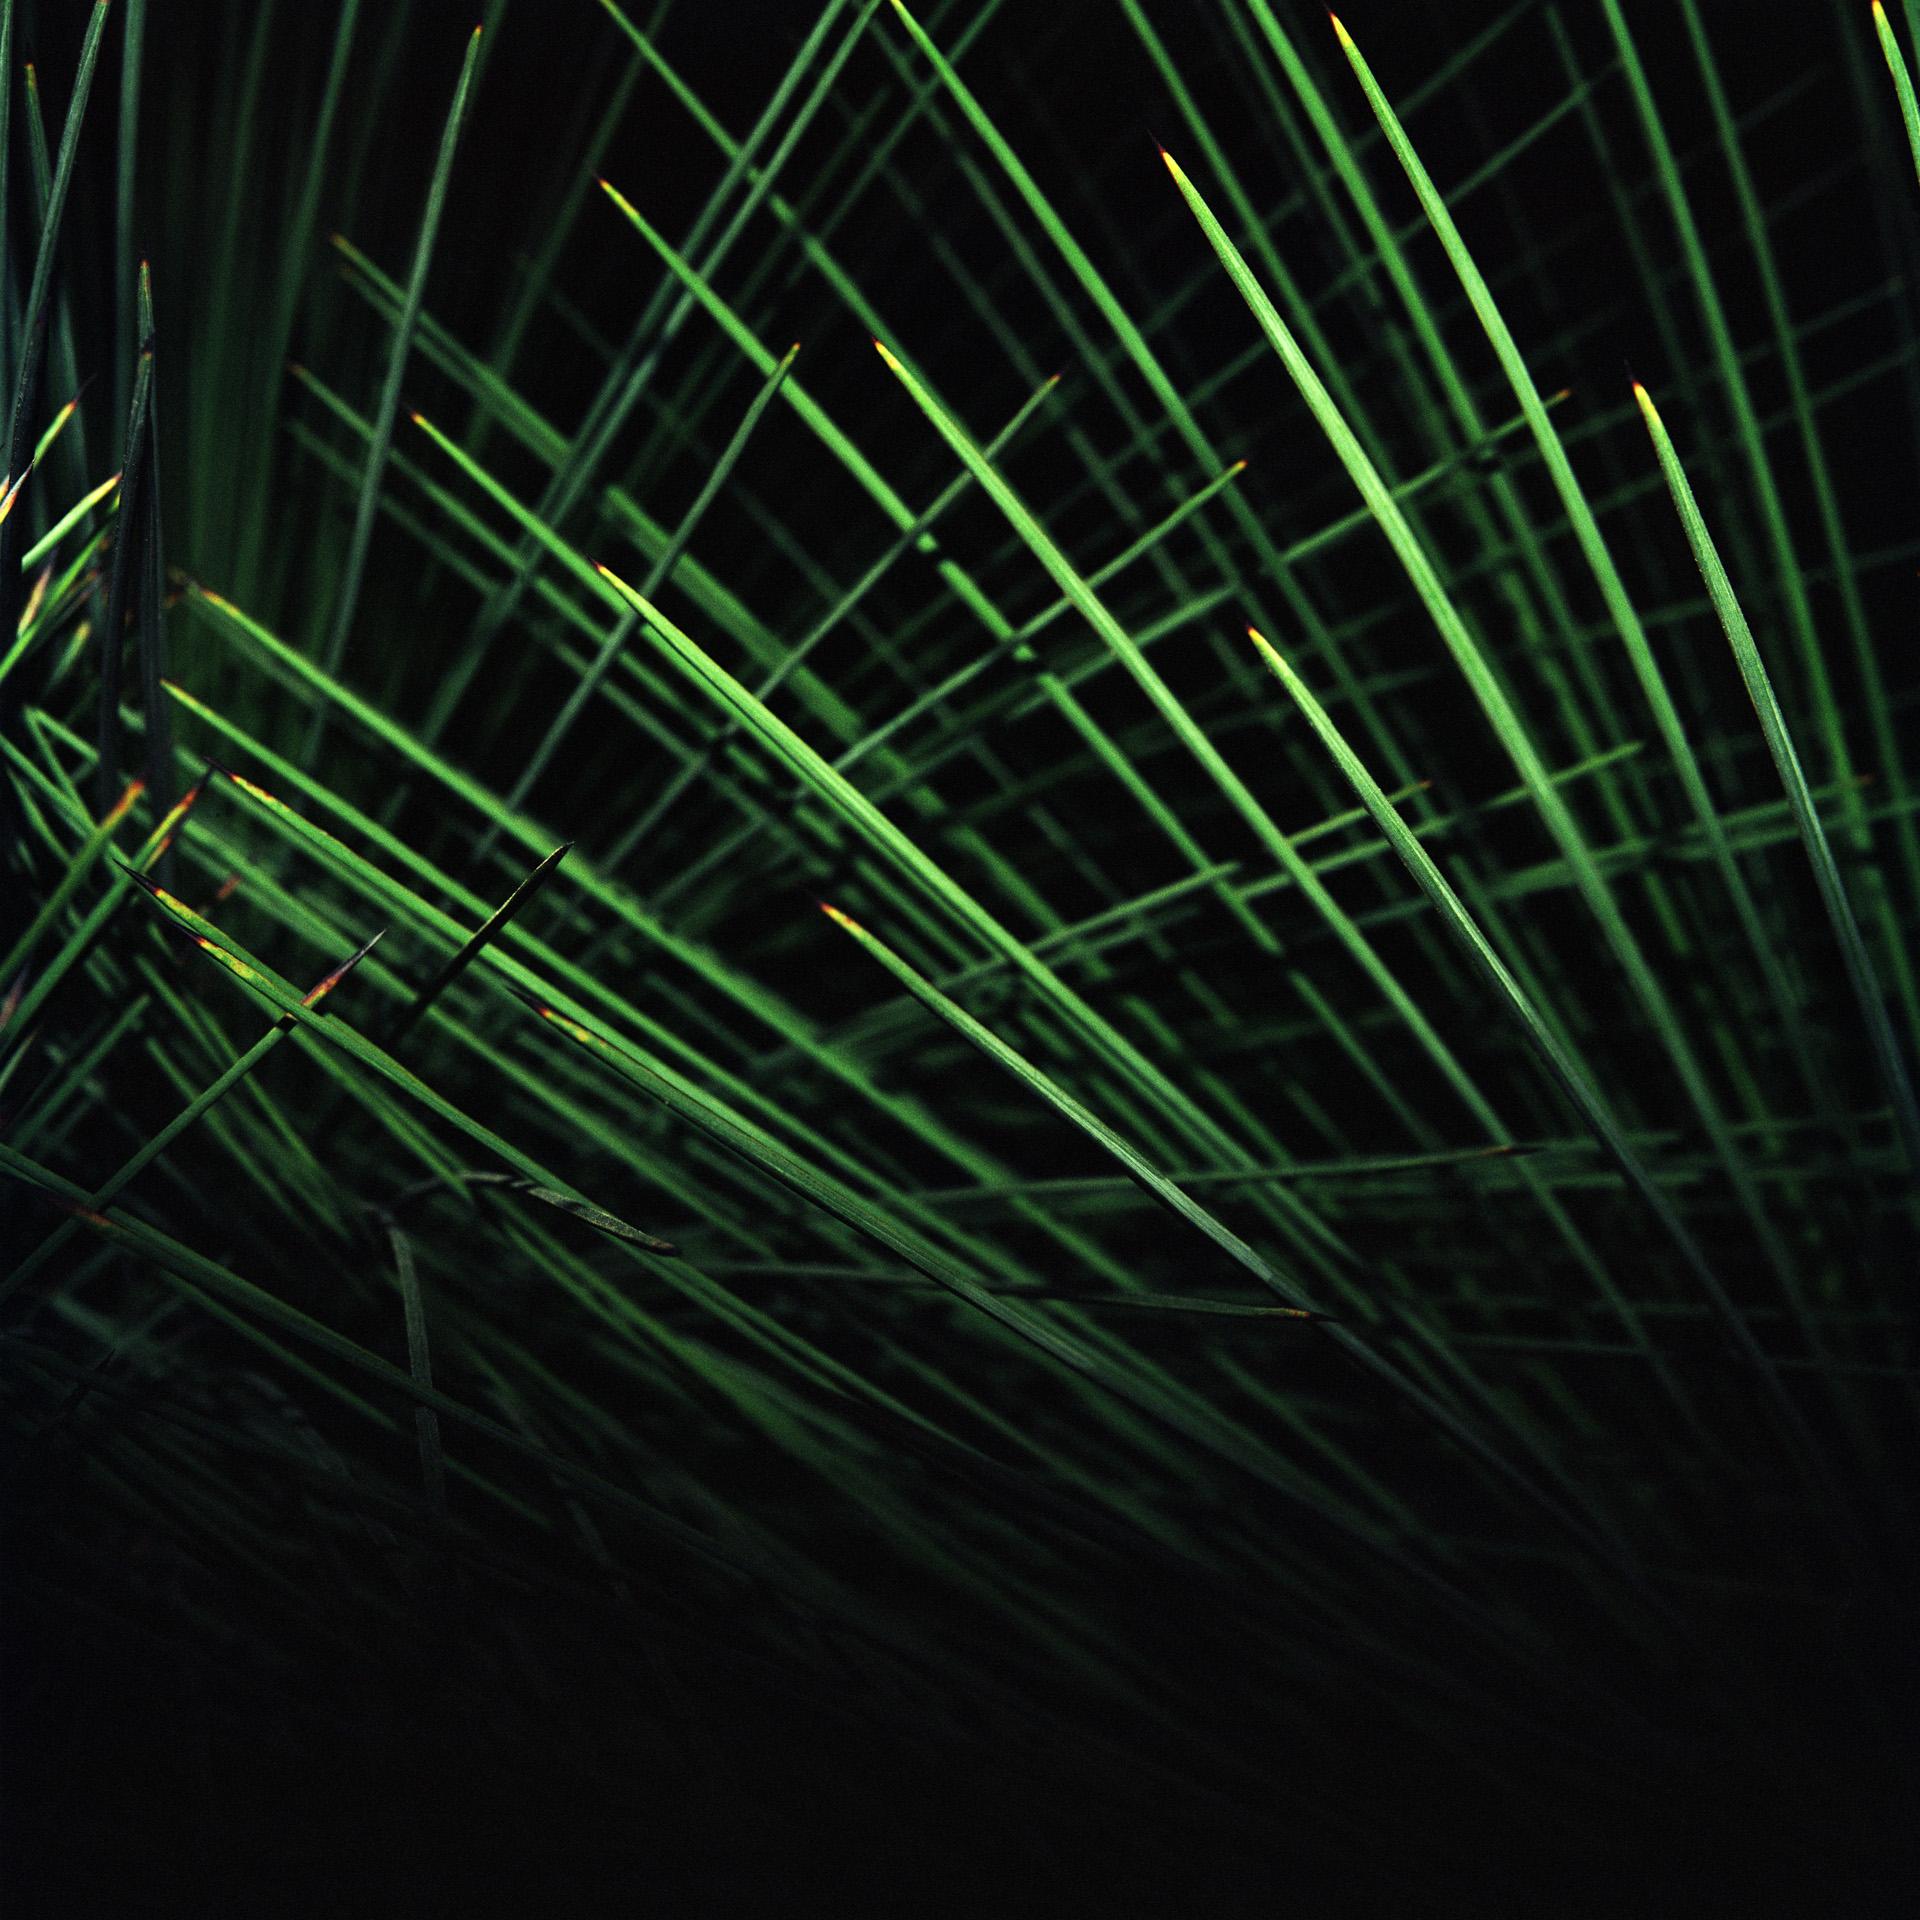 Night Cactus 012